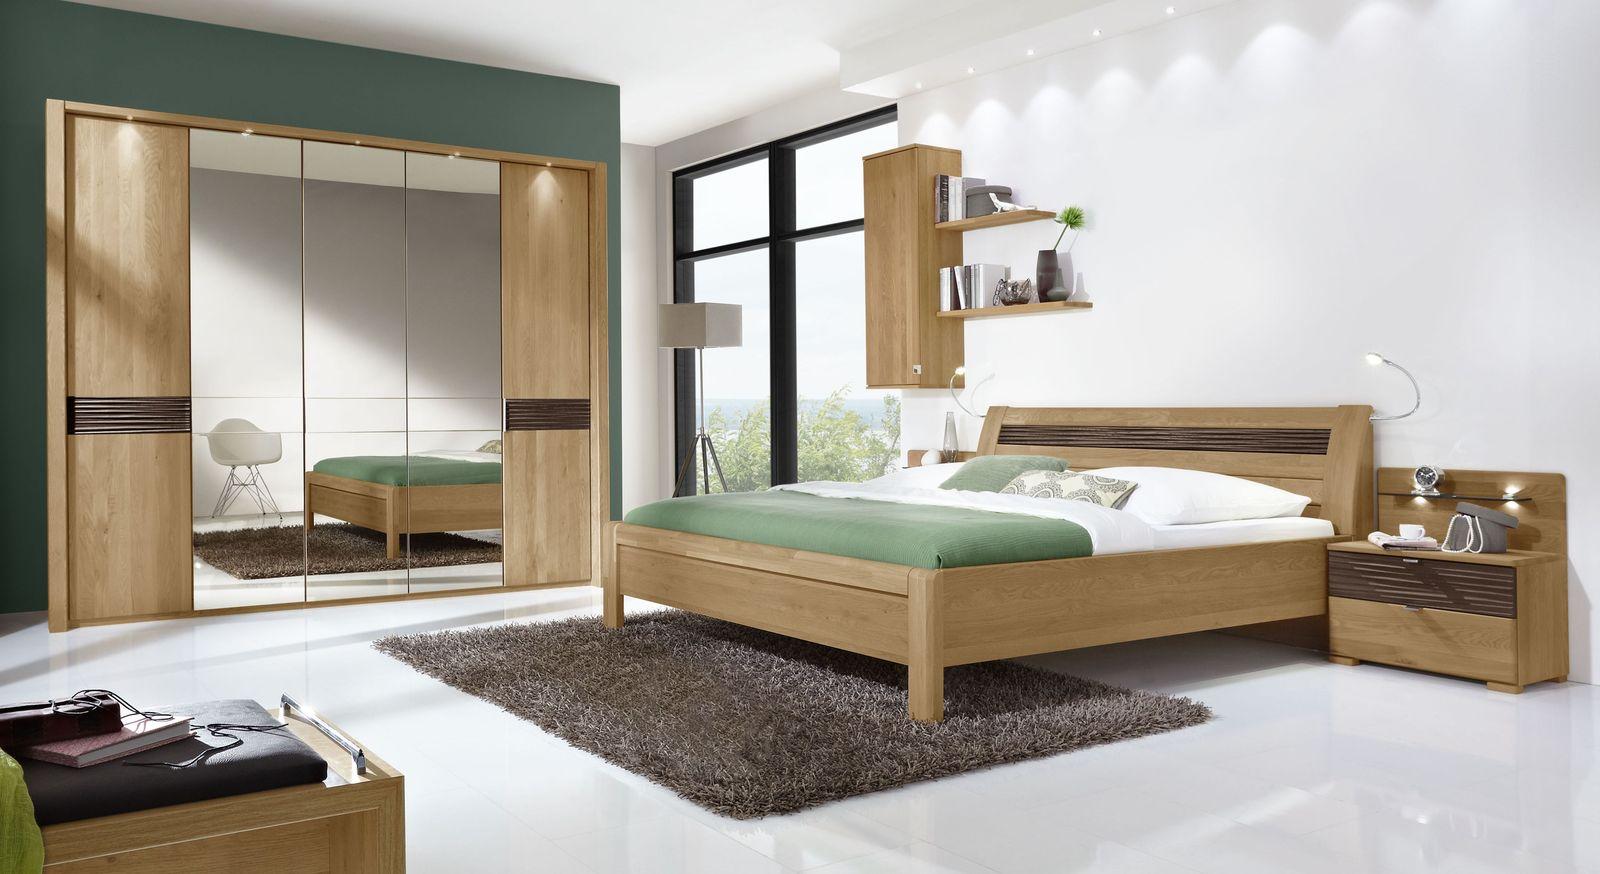 Komplett-Schlafzimmer Burbia mit durchdachtem Möbelkonzept